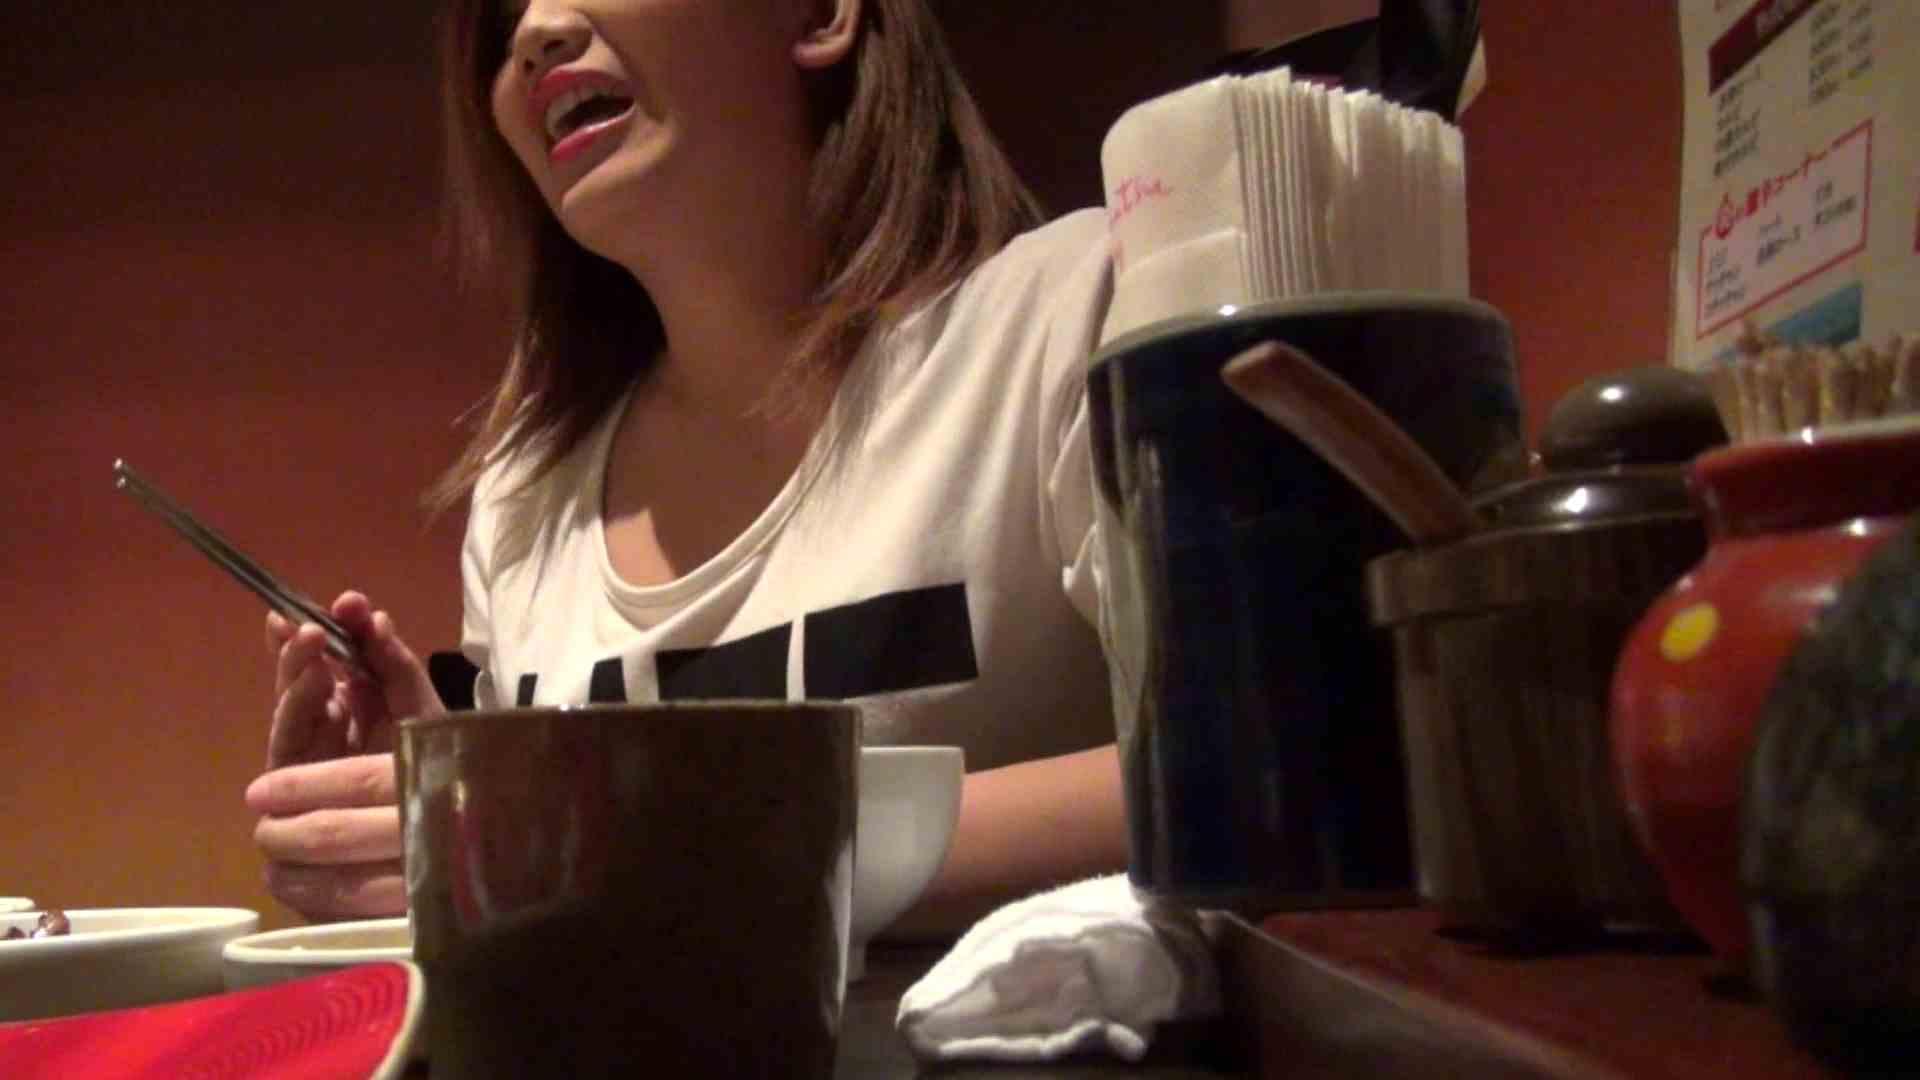 【出会い01】大助さんMちゃんと食事会 悪戯  65連発 36